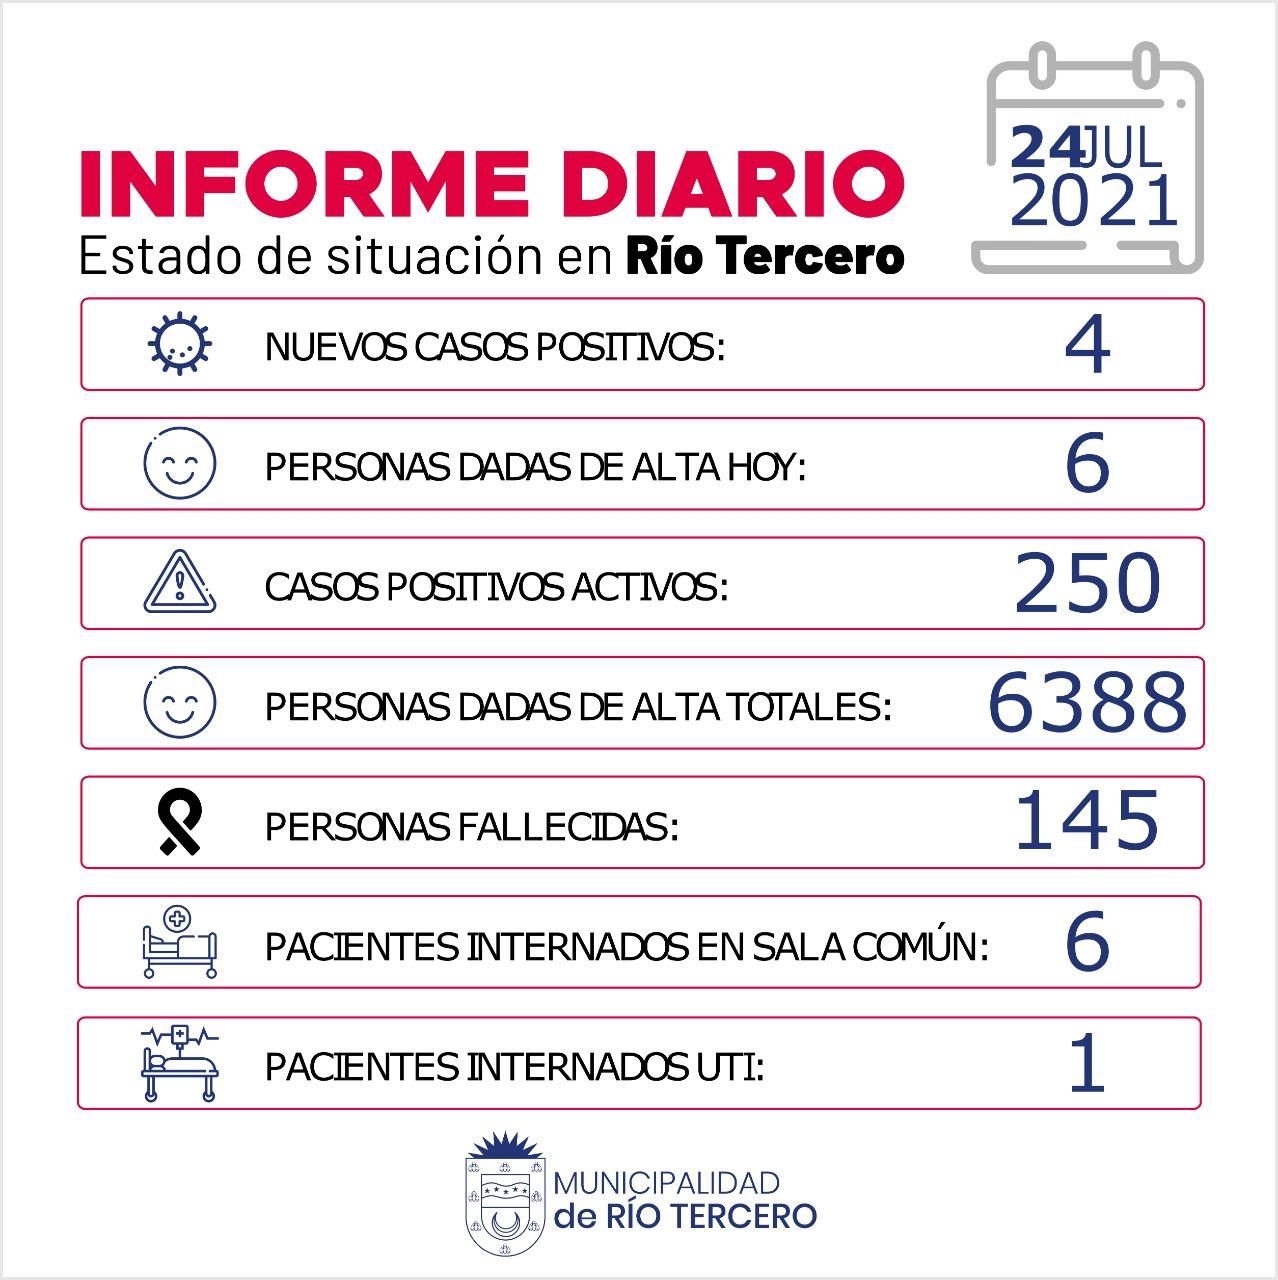 RÍO TERCERO TIENE 250 CASOS ACTIVOS: HOY SE REGISTRARON 4 NUEVOS CASOS